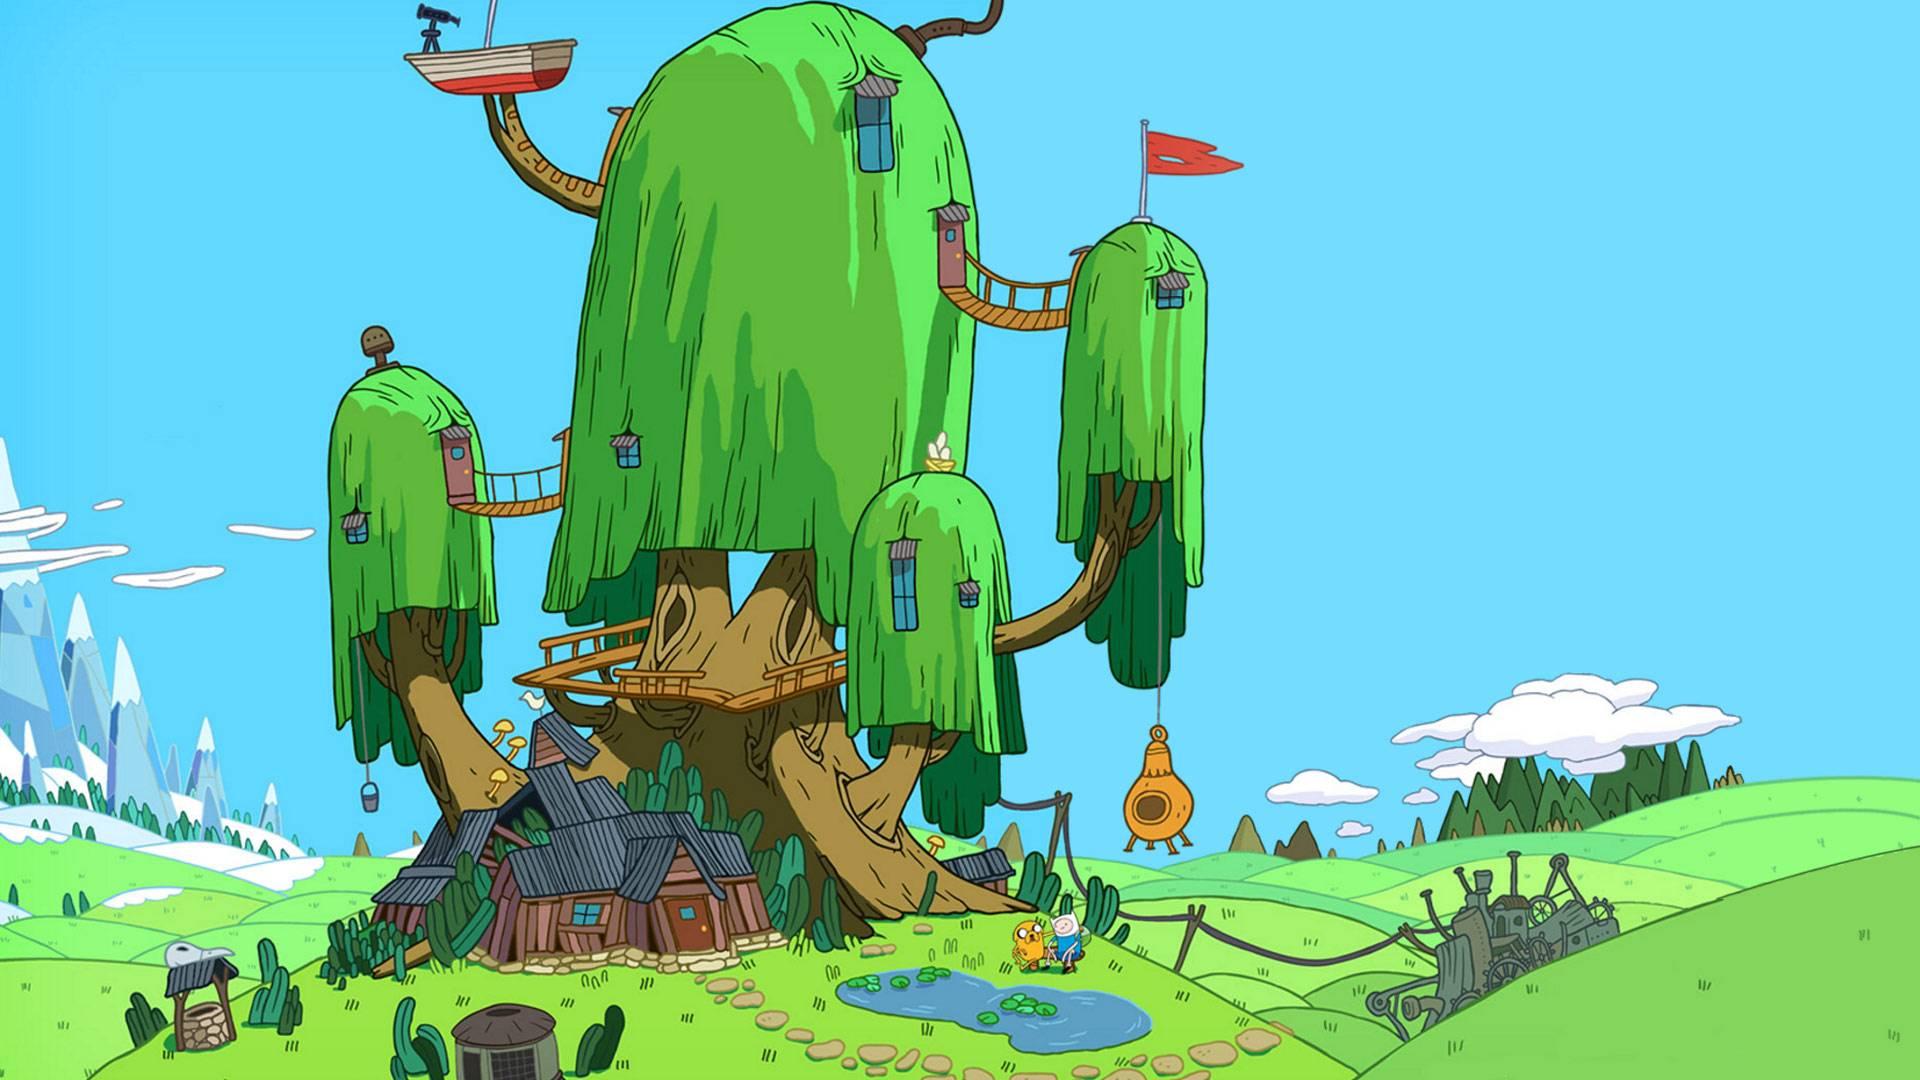 Adventure Time Wallpaper 1920x1080 - WallpaperSafari